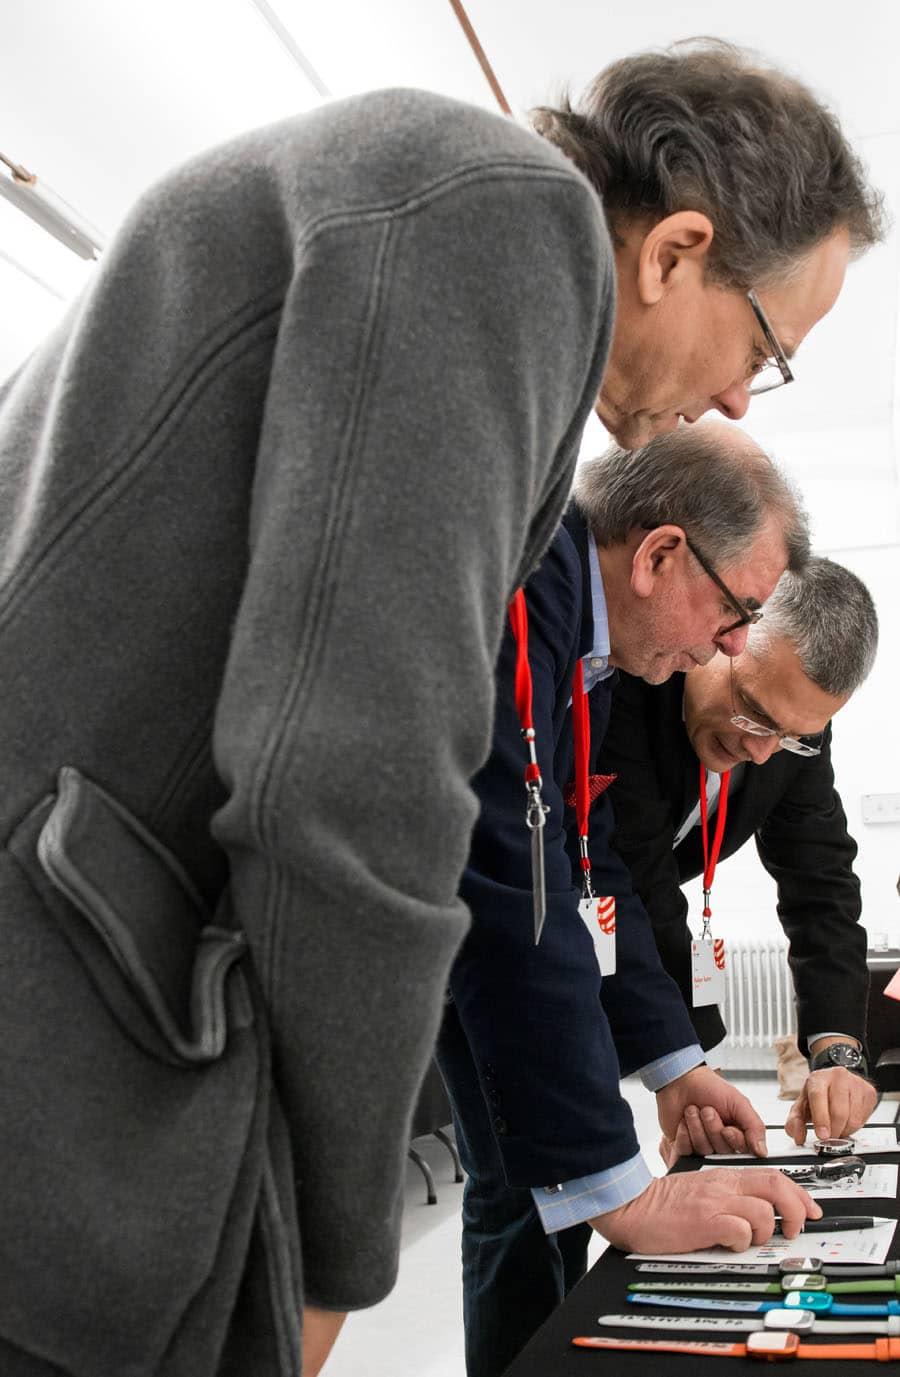 Die dreiköpfige Uhren-Jury 2016: Chronos-Chefredakteur Rüdiger Bucher, Chronos-Autor Gisbert L. Brunner sowie Goldschmied und Schmuckdesigner Günter Wermekes (von hinten nach vorne), © Red Dot Design Award